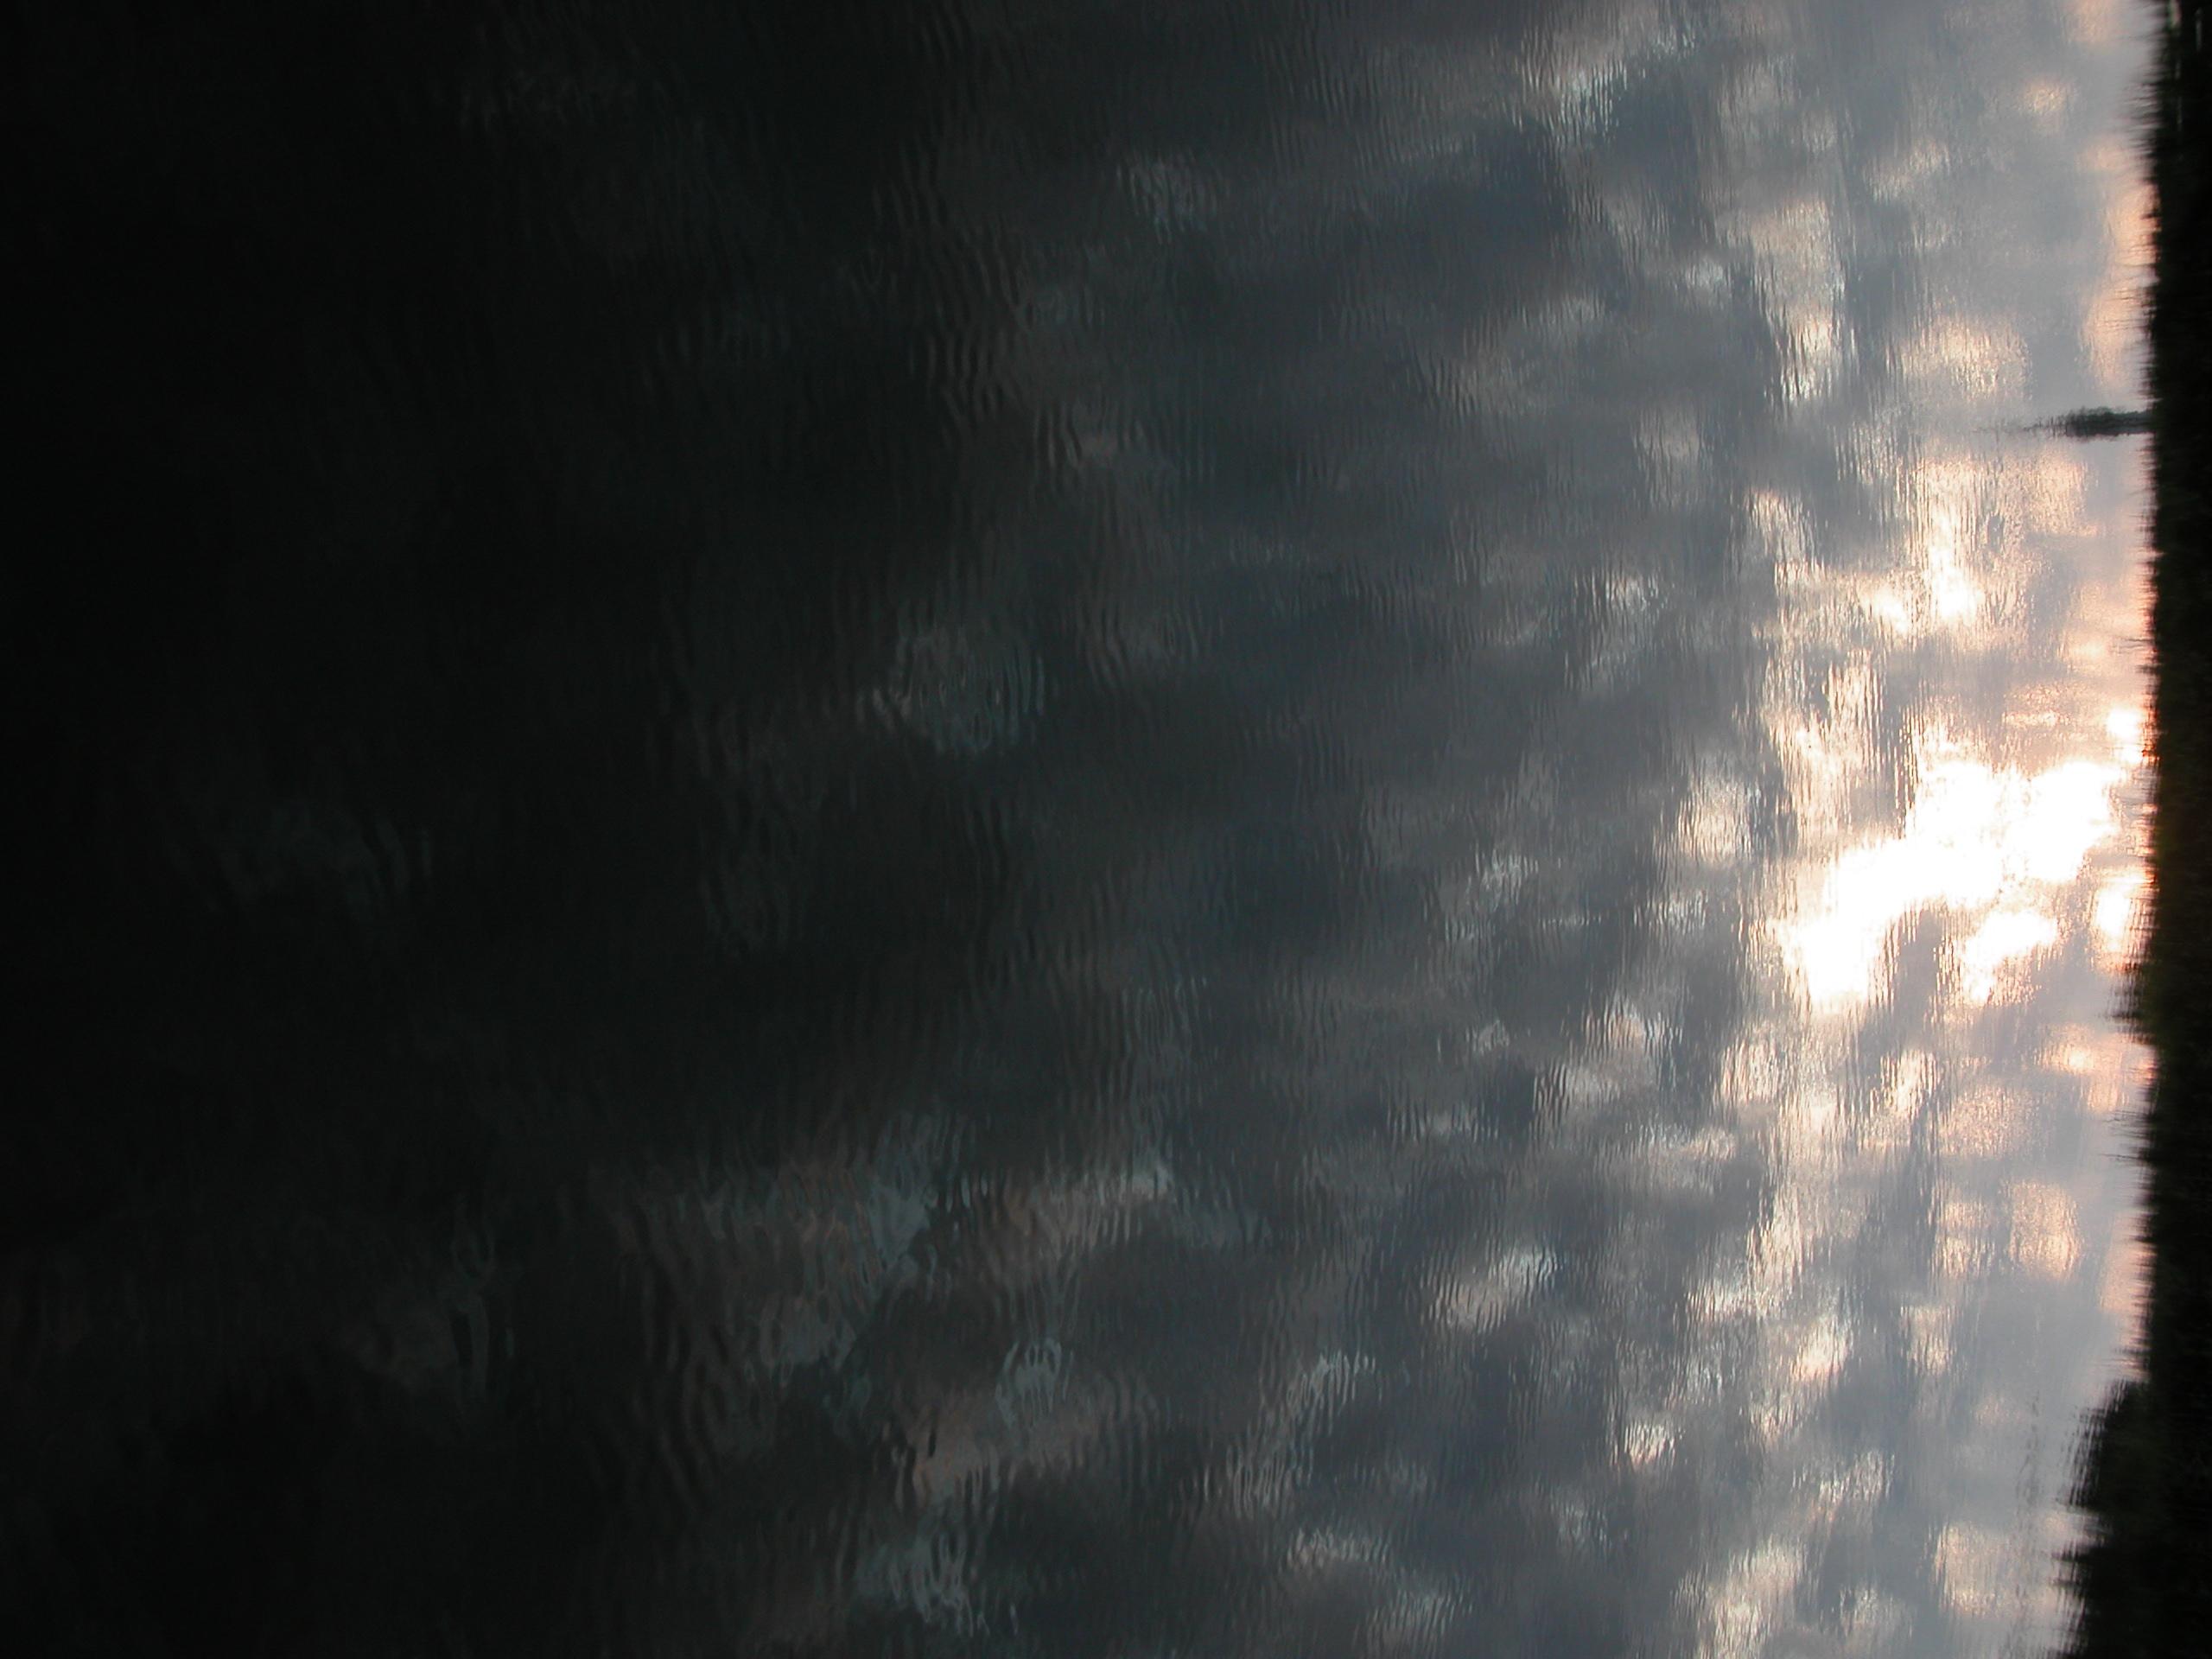 reflection reflecting wave waves wavelets mirror image